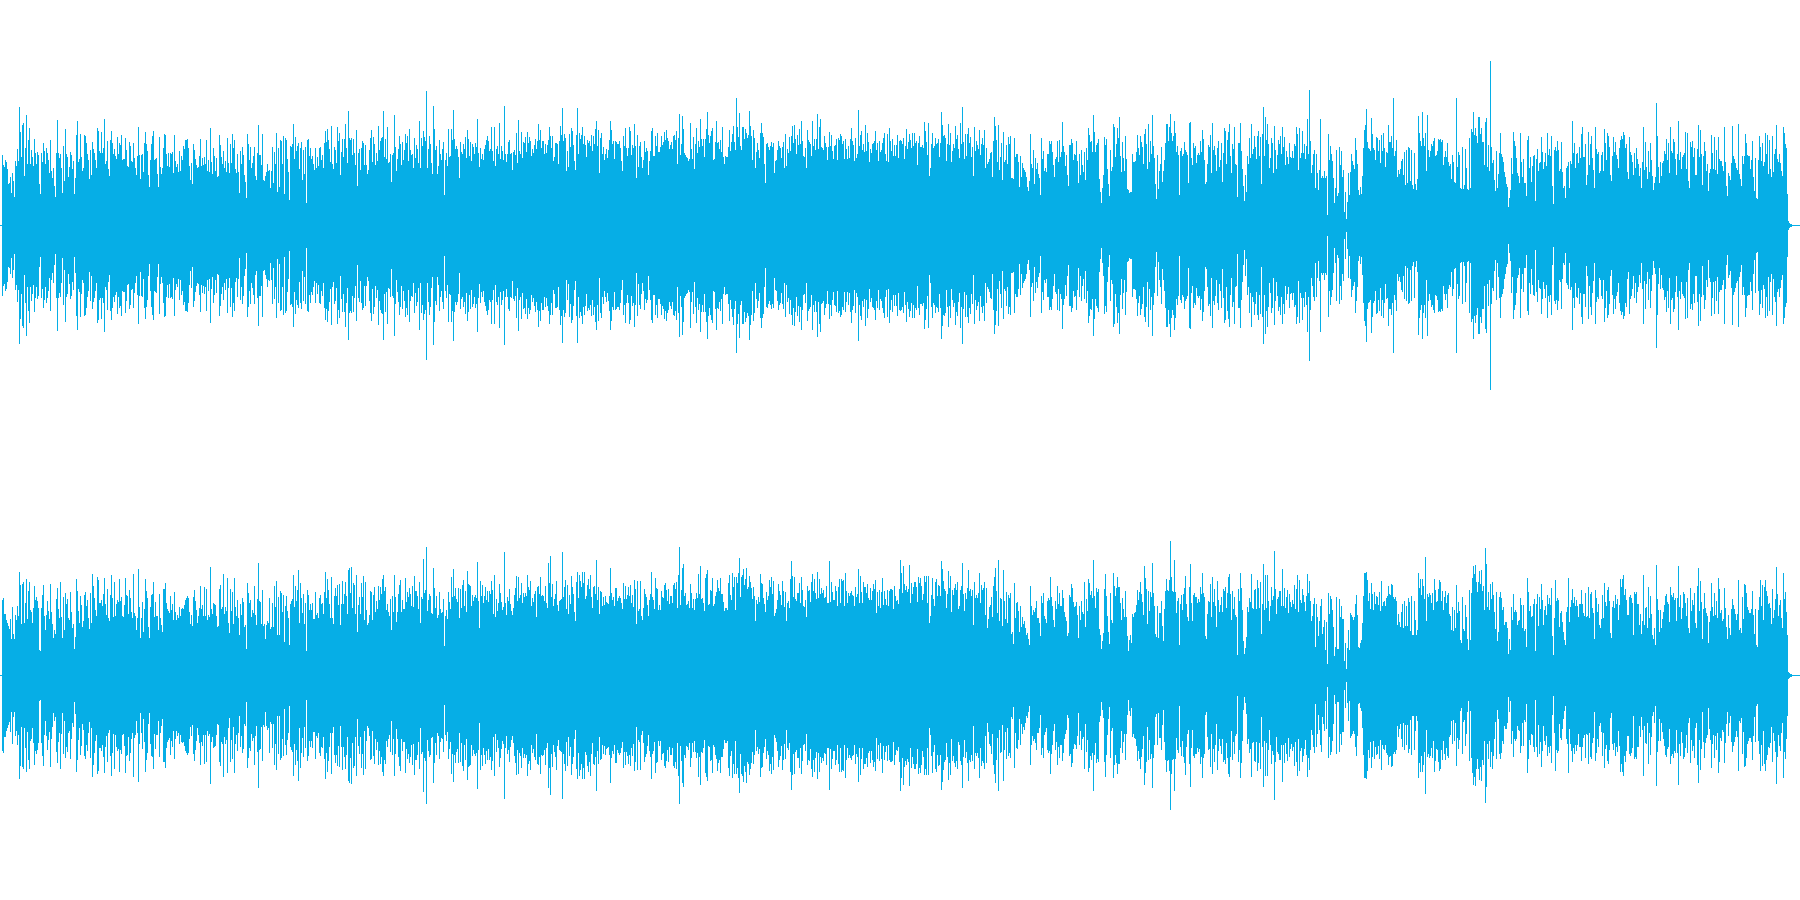 軽快なジャズ ピアノトリオの再生済みの波形